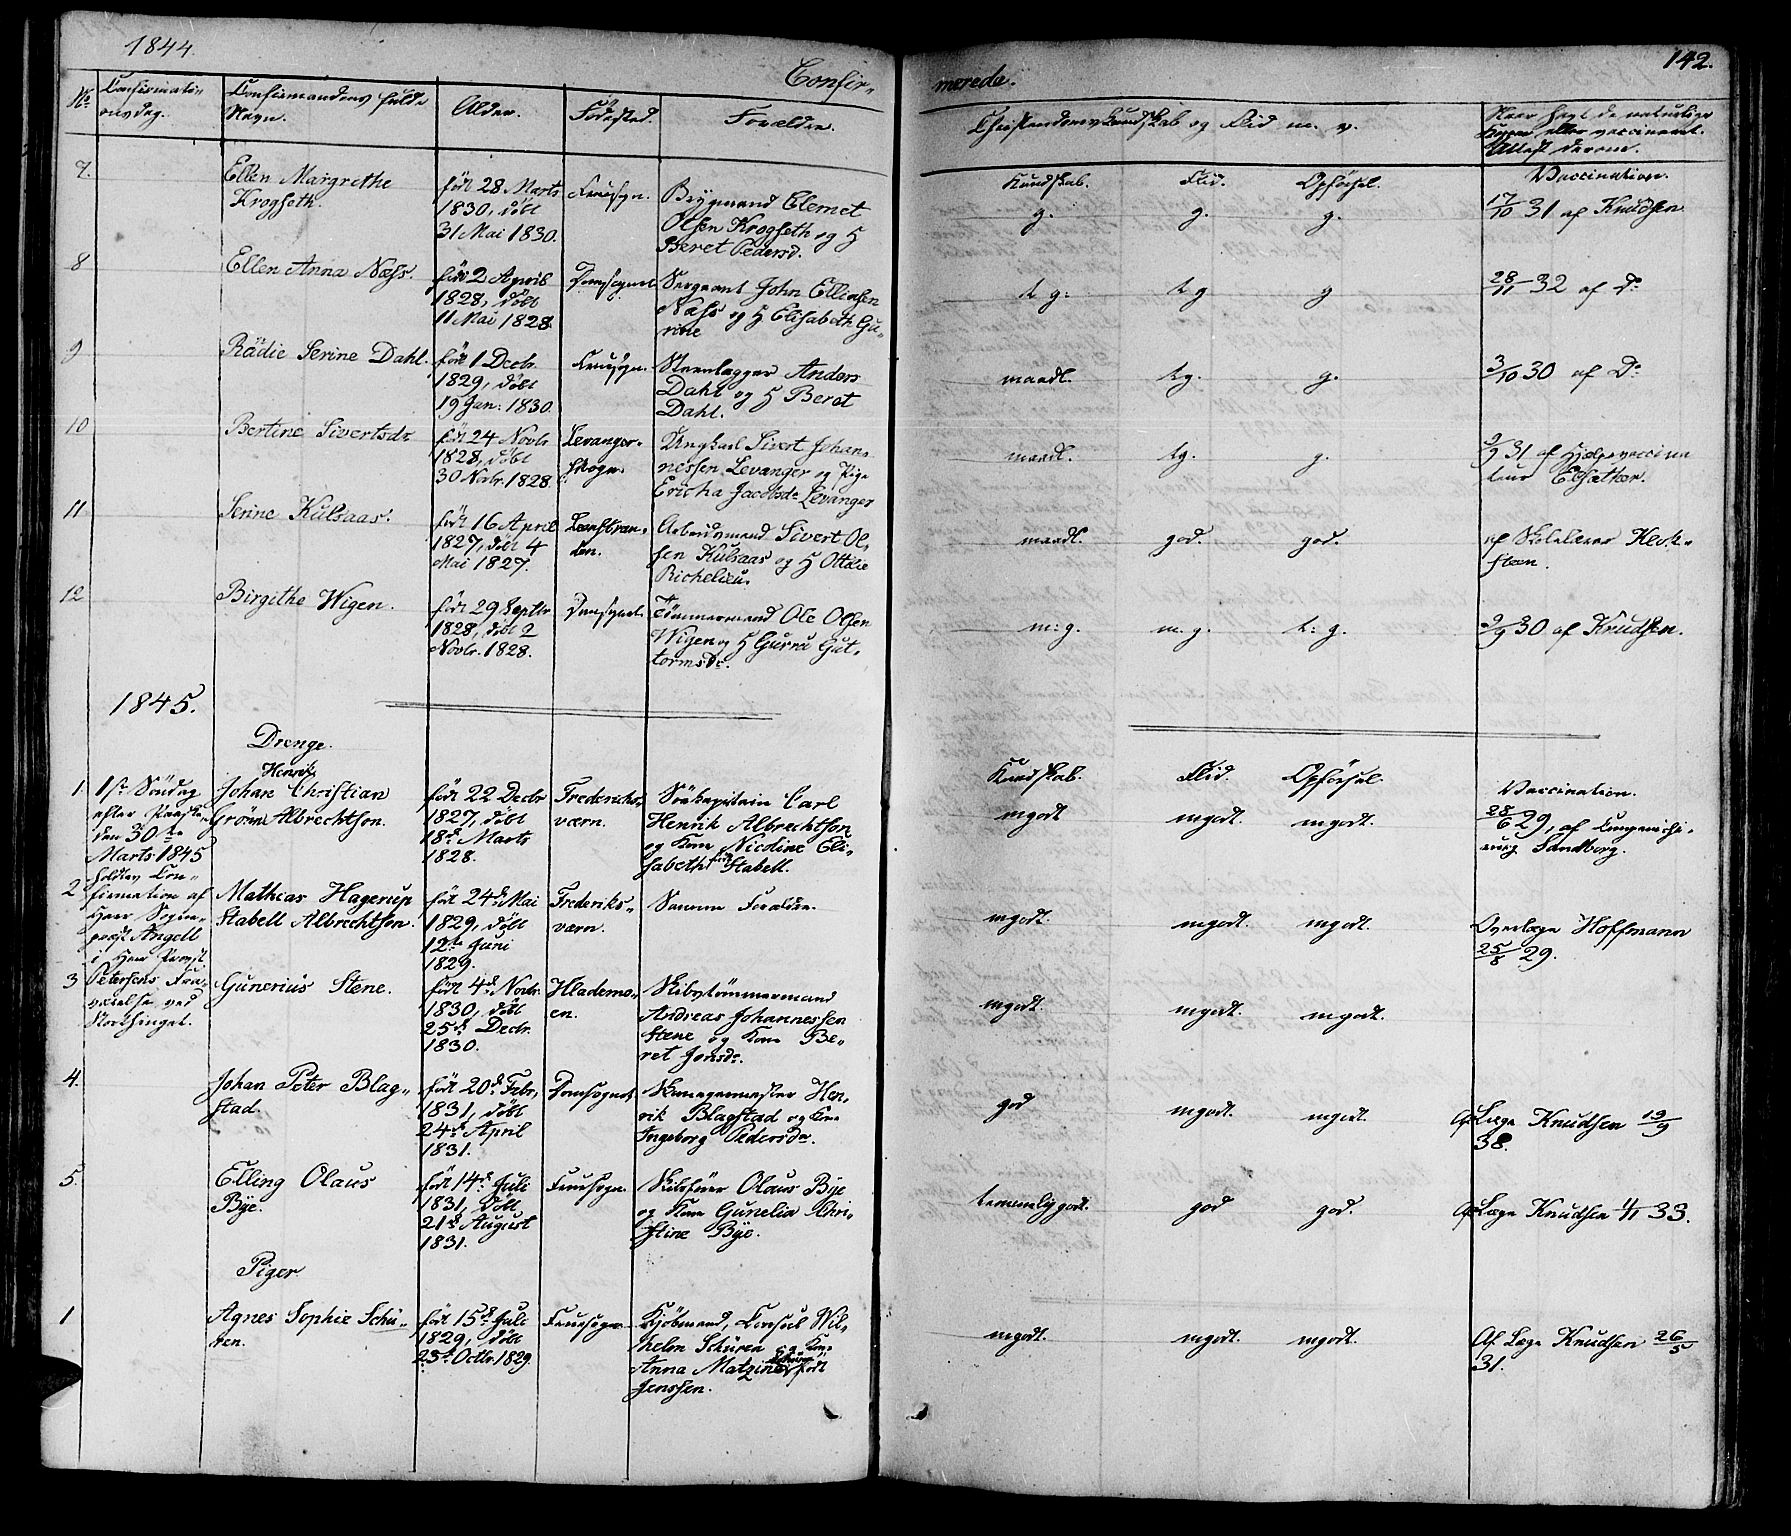 SAT, Ministerialprotokoller, klokkerbøker og fødselsregistre - Sør-Trøndelag, 602/L0136: Klokkerbok nr. 602C04, 1833-1845, s. 142